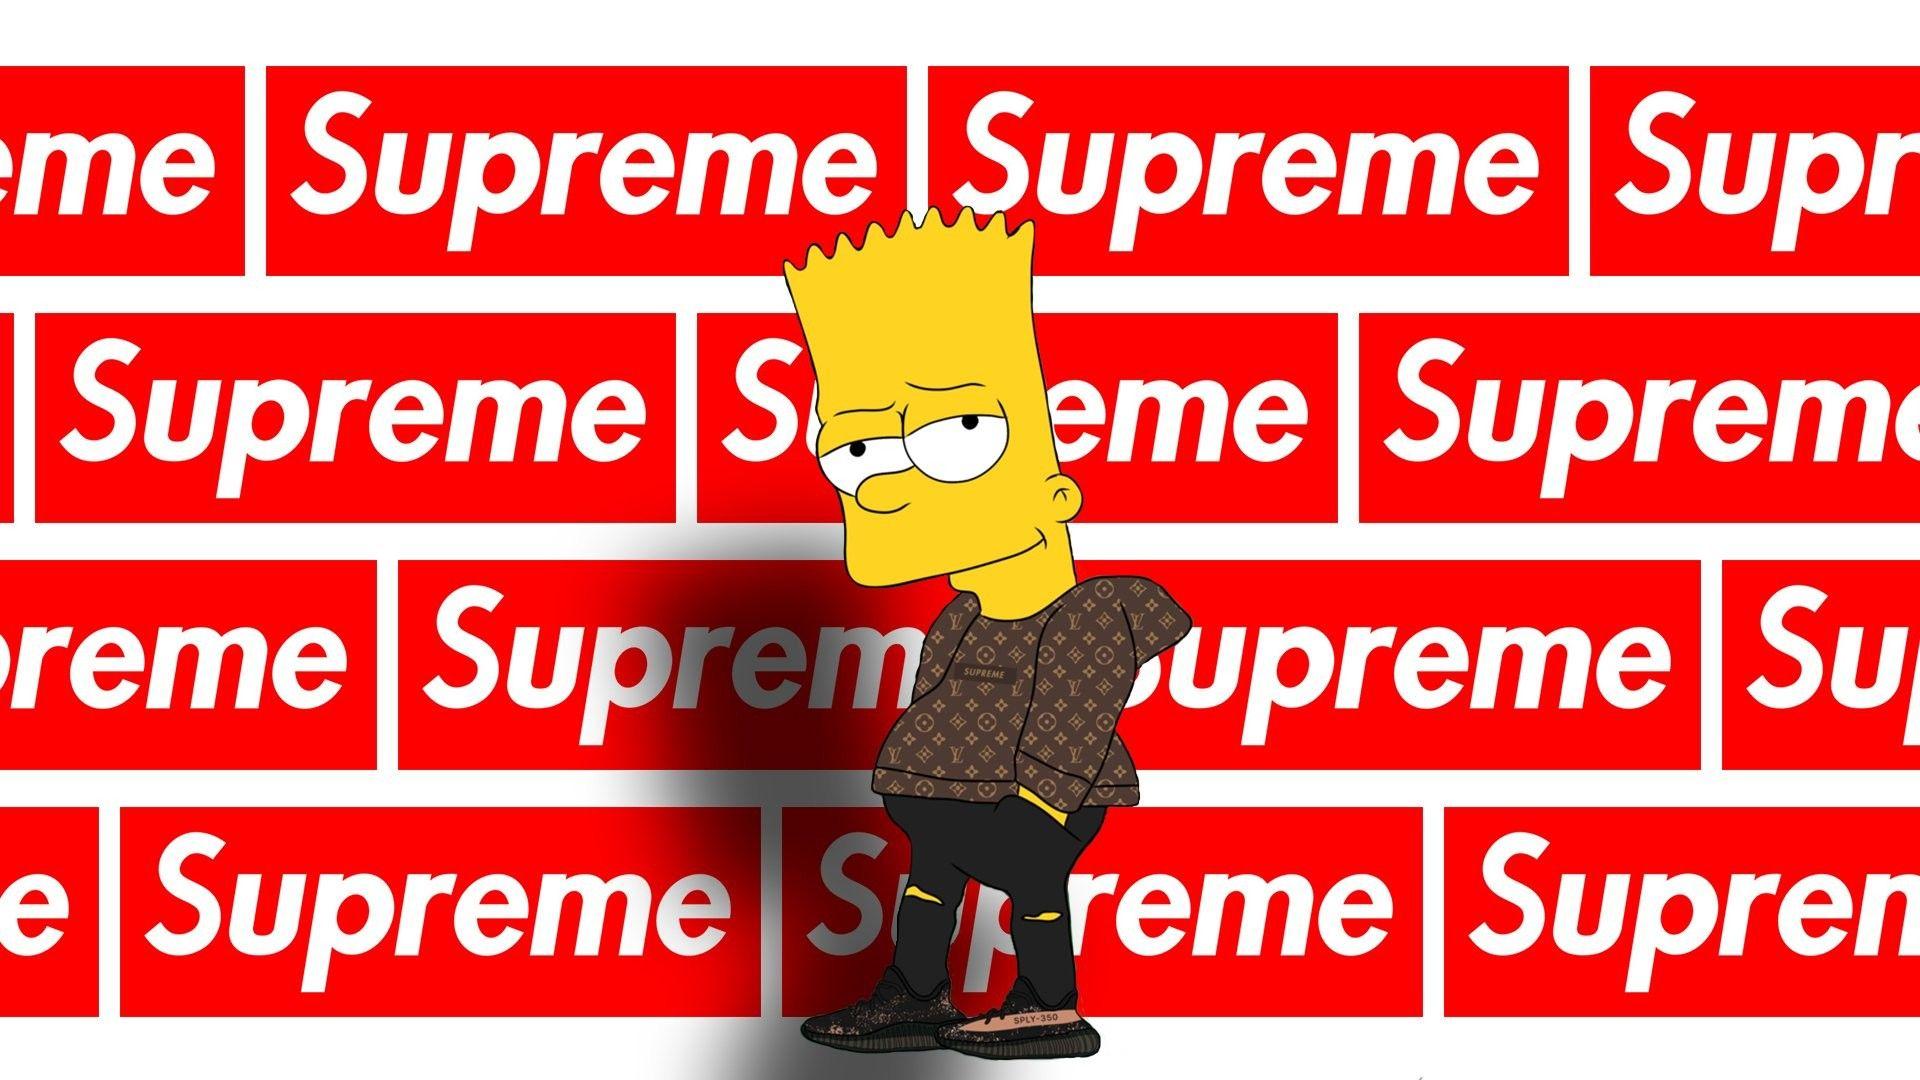 Supreme Logo Pc Wallpapers On Wallpaperdog